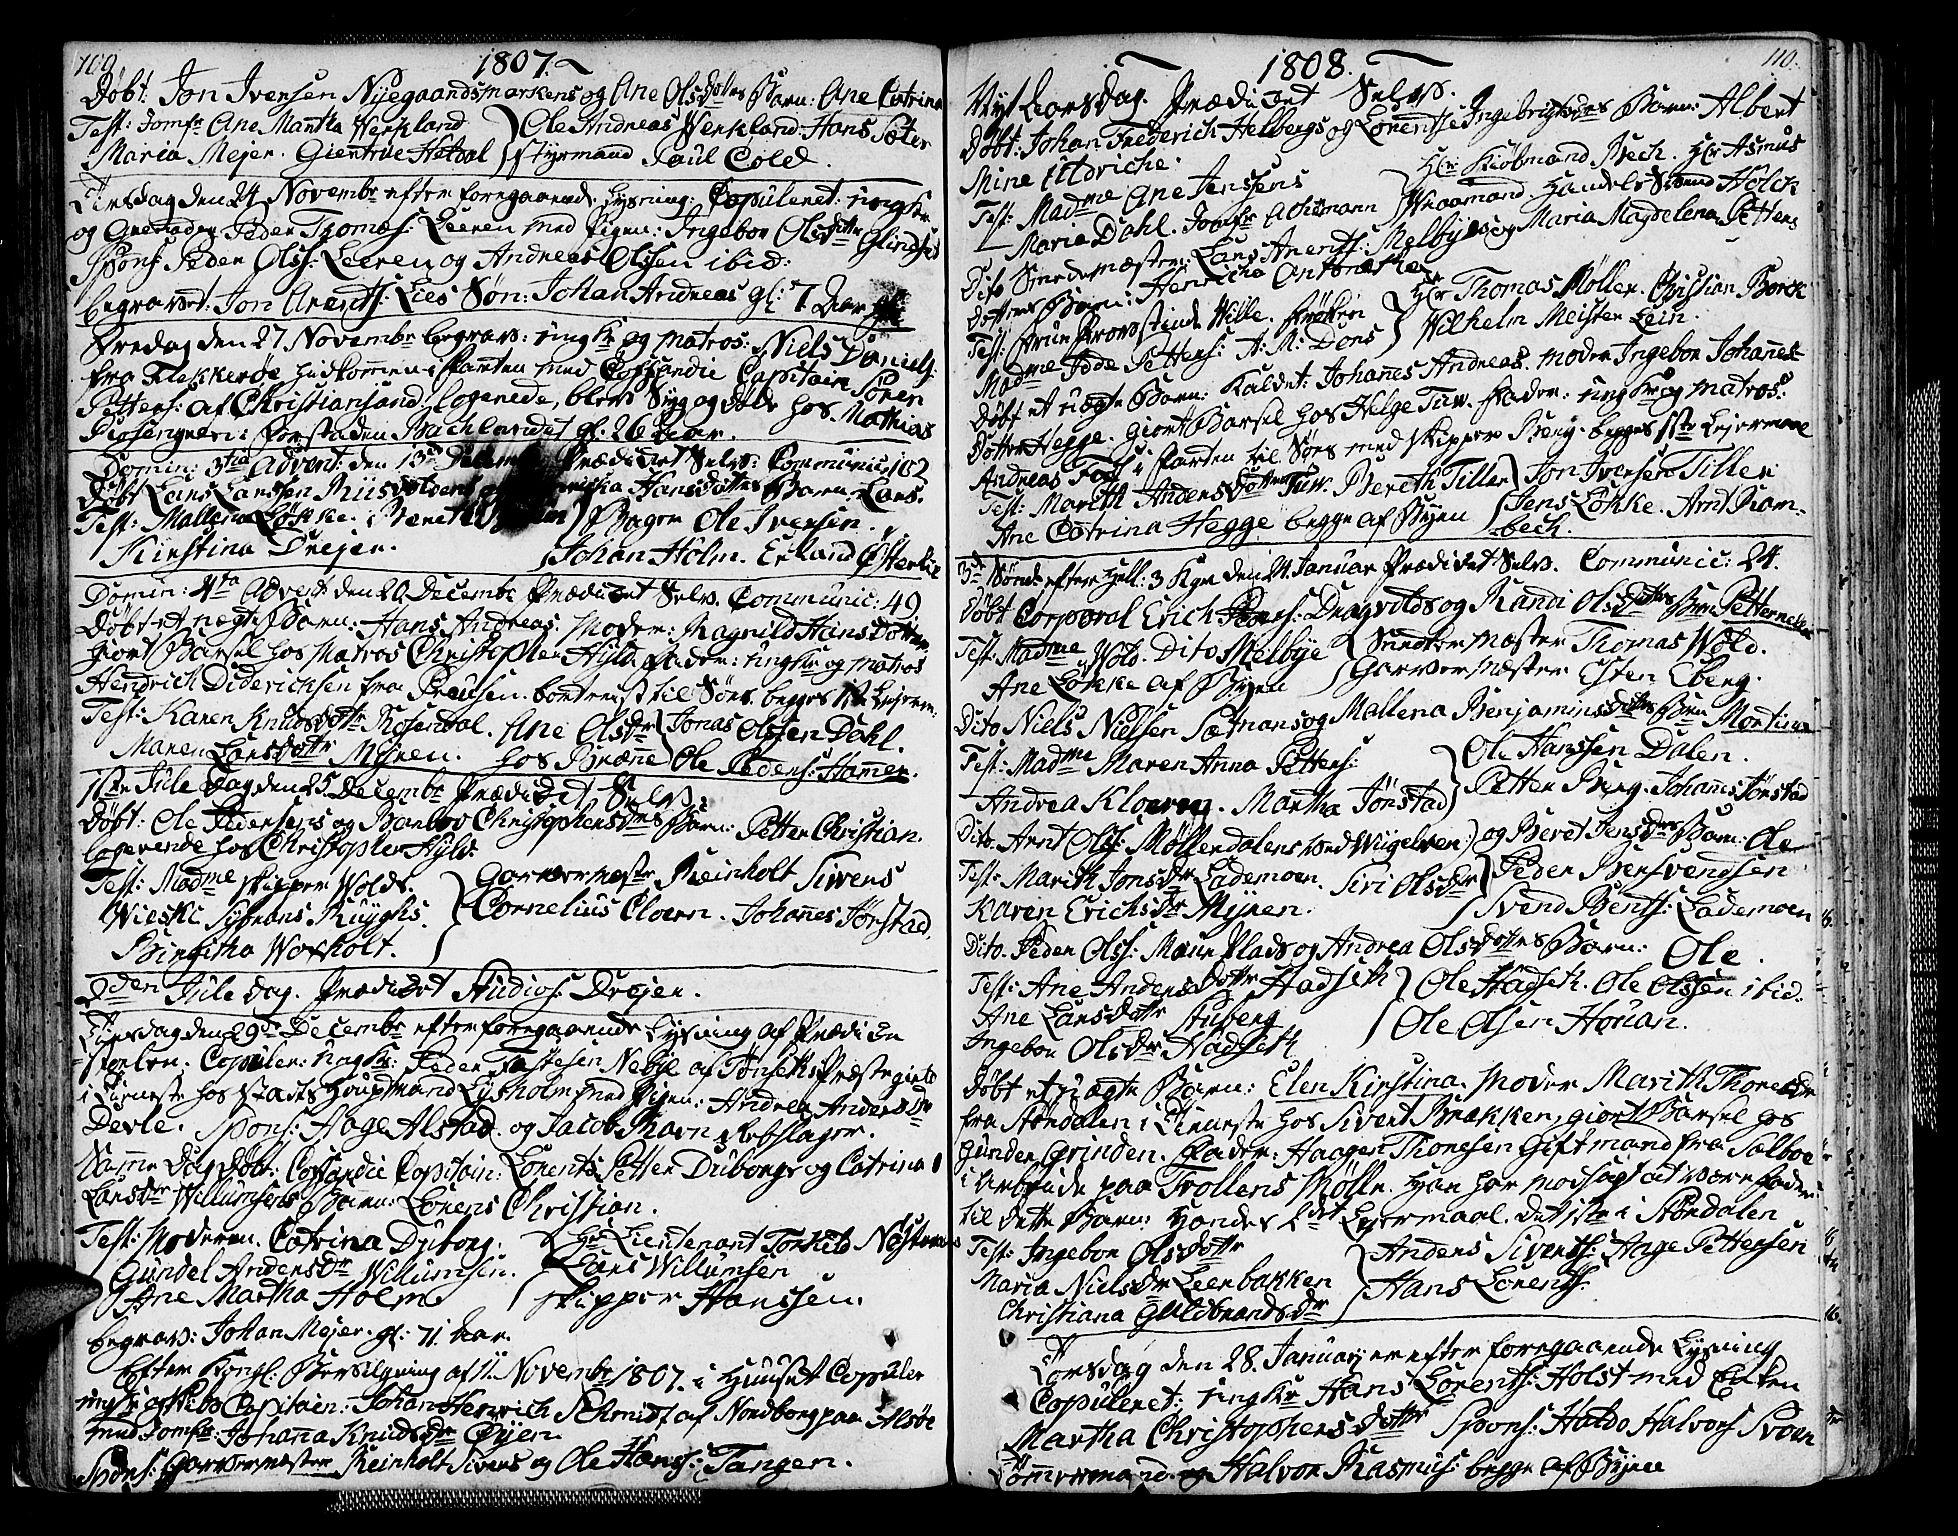 SAT, Ministerialprotokoller, klokkerbøker og fødselsregistre - Sør-Trøndelag, 604/L0181: Ministerialbok nr. 604A02, 1798-1817, s. 109-110